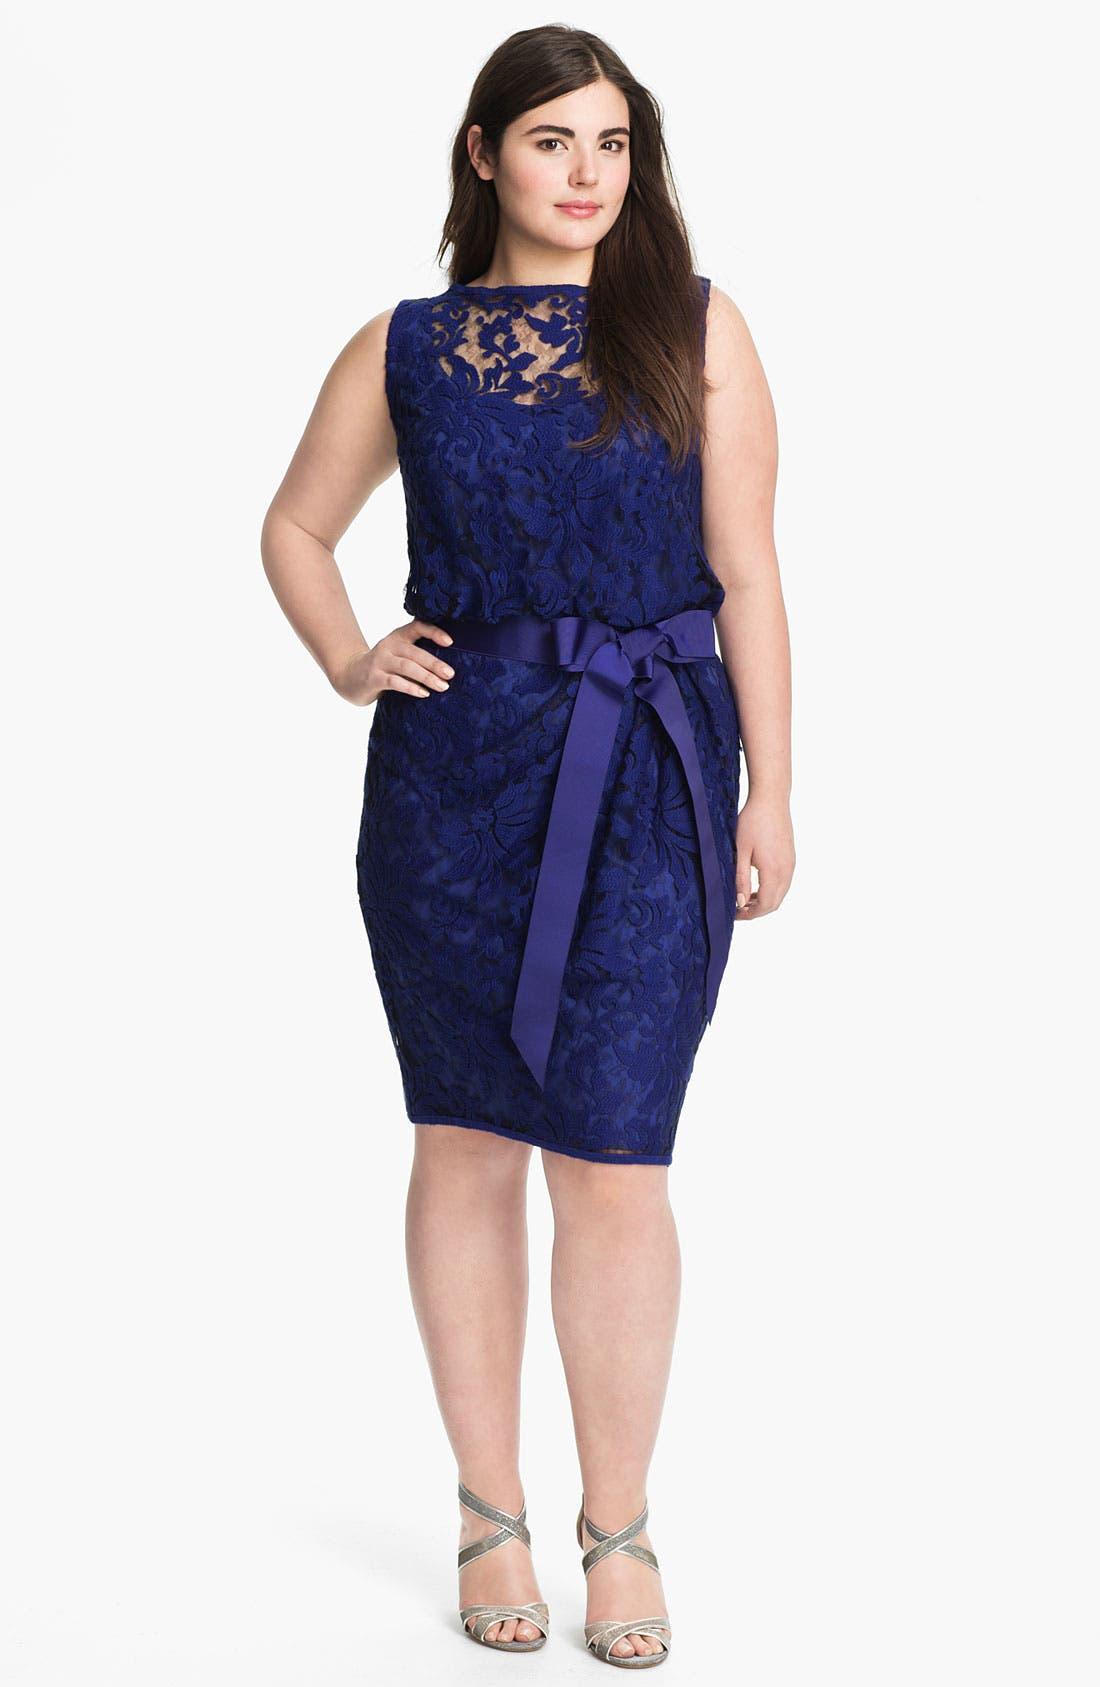 Alternate Image 1 Selected - Tadashi Shoji Ribbon Tie Lace Overlay Dress (Plus Size)